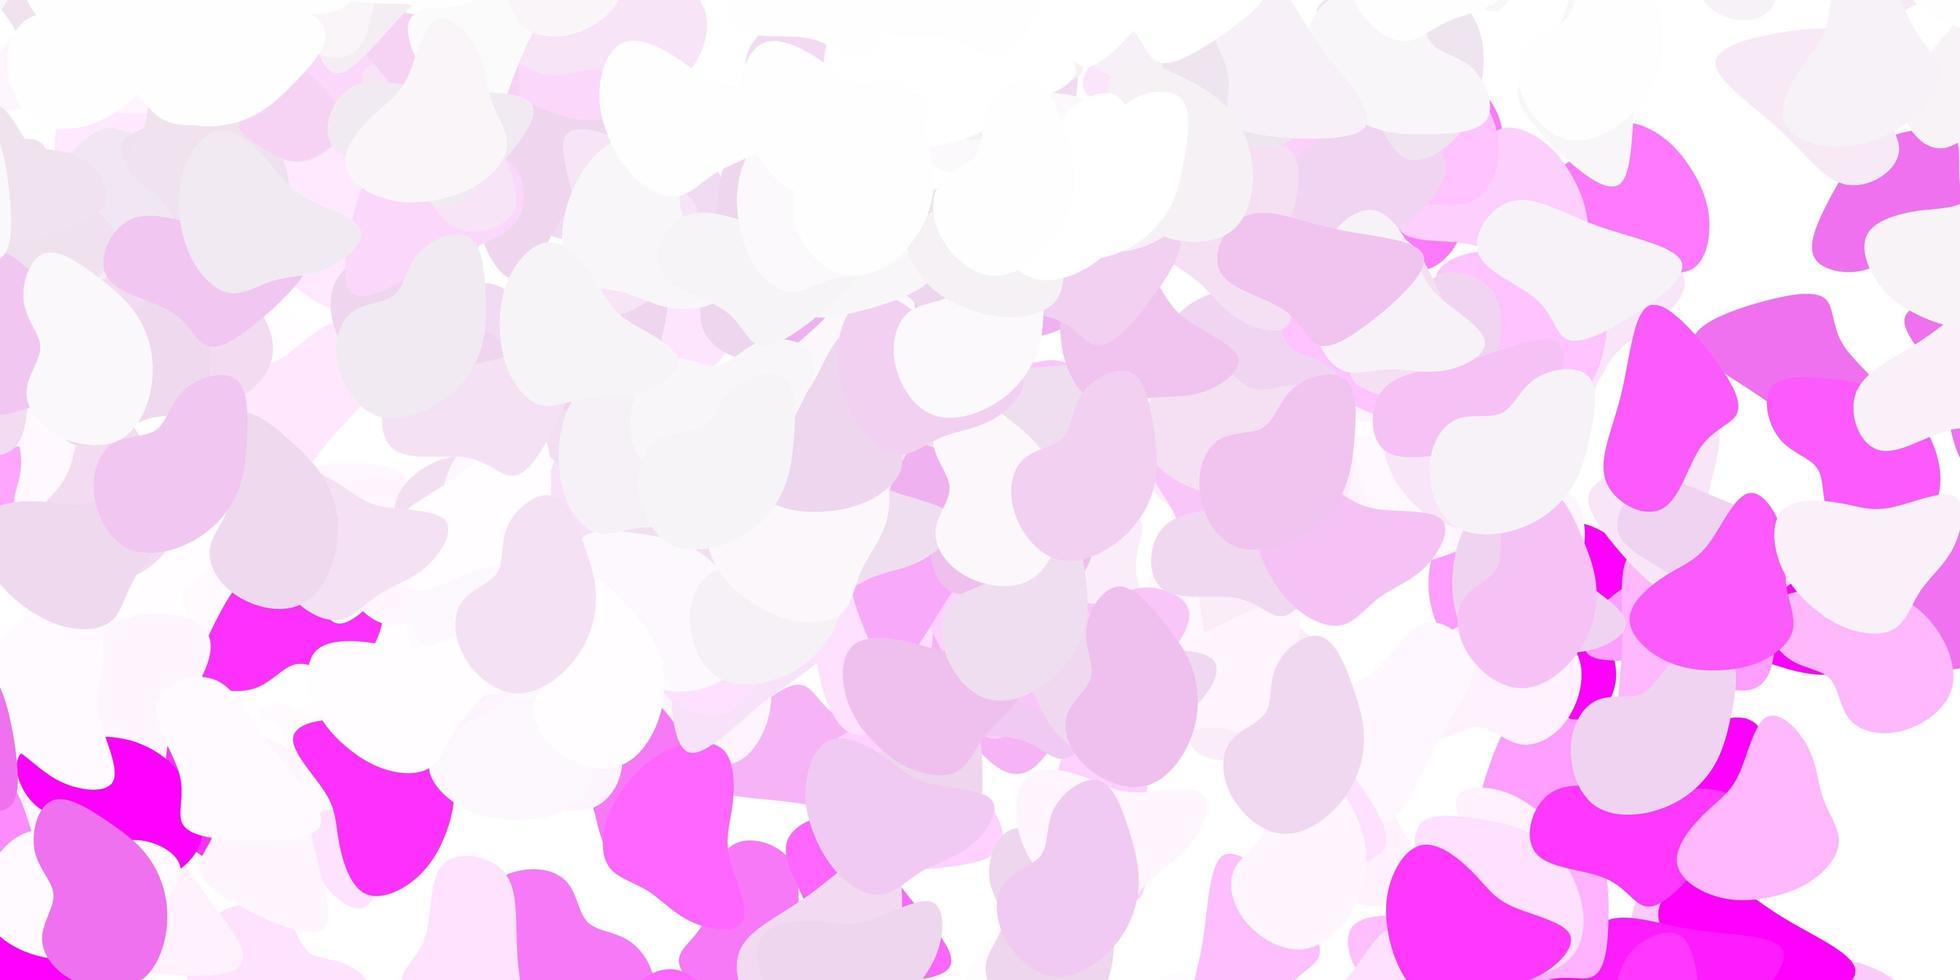 textura vector roxo claro com formas de memphis.